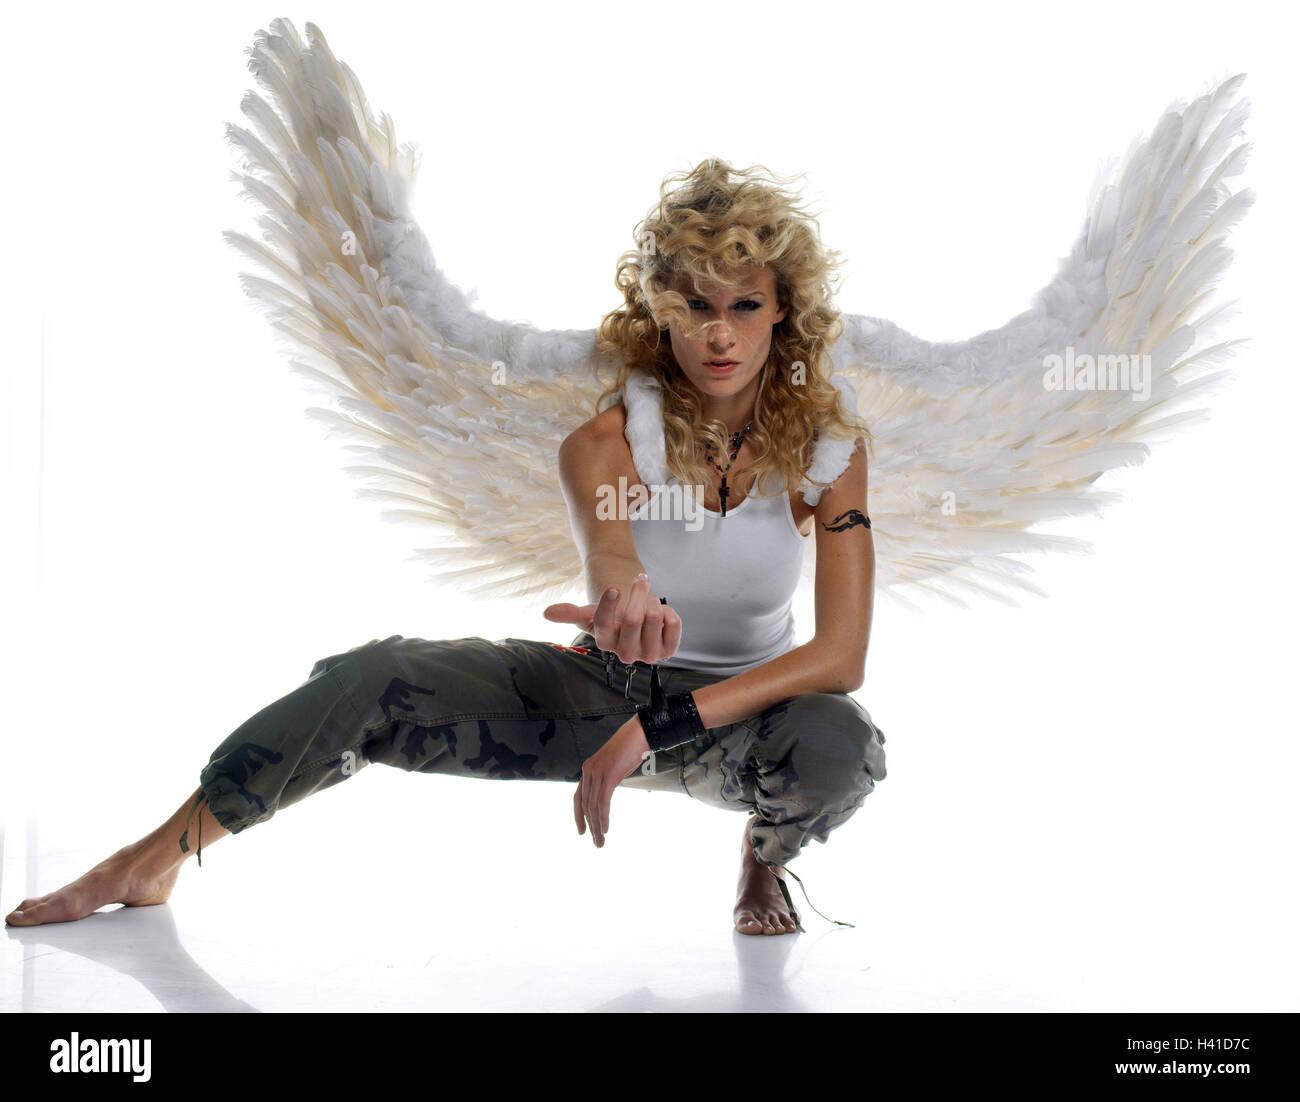 Attirer De Femme Jeune Blond A L Aile De L Ange L